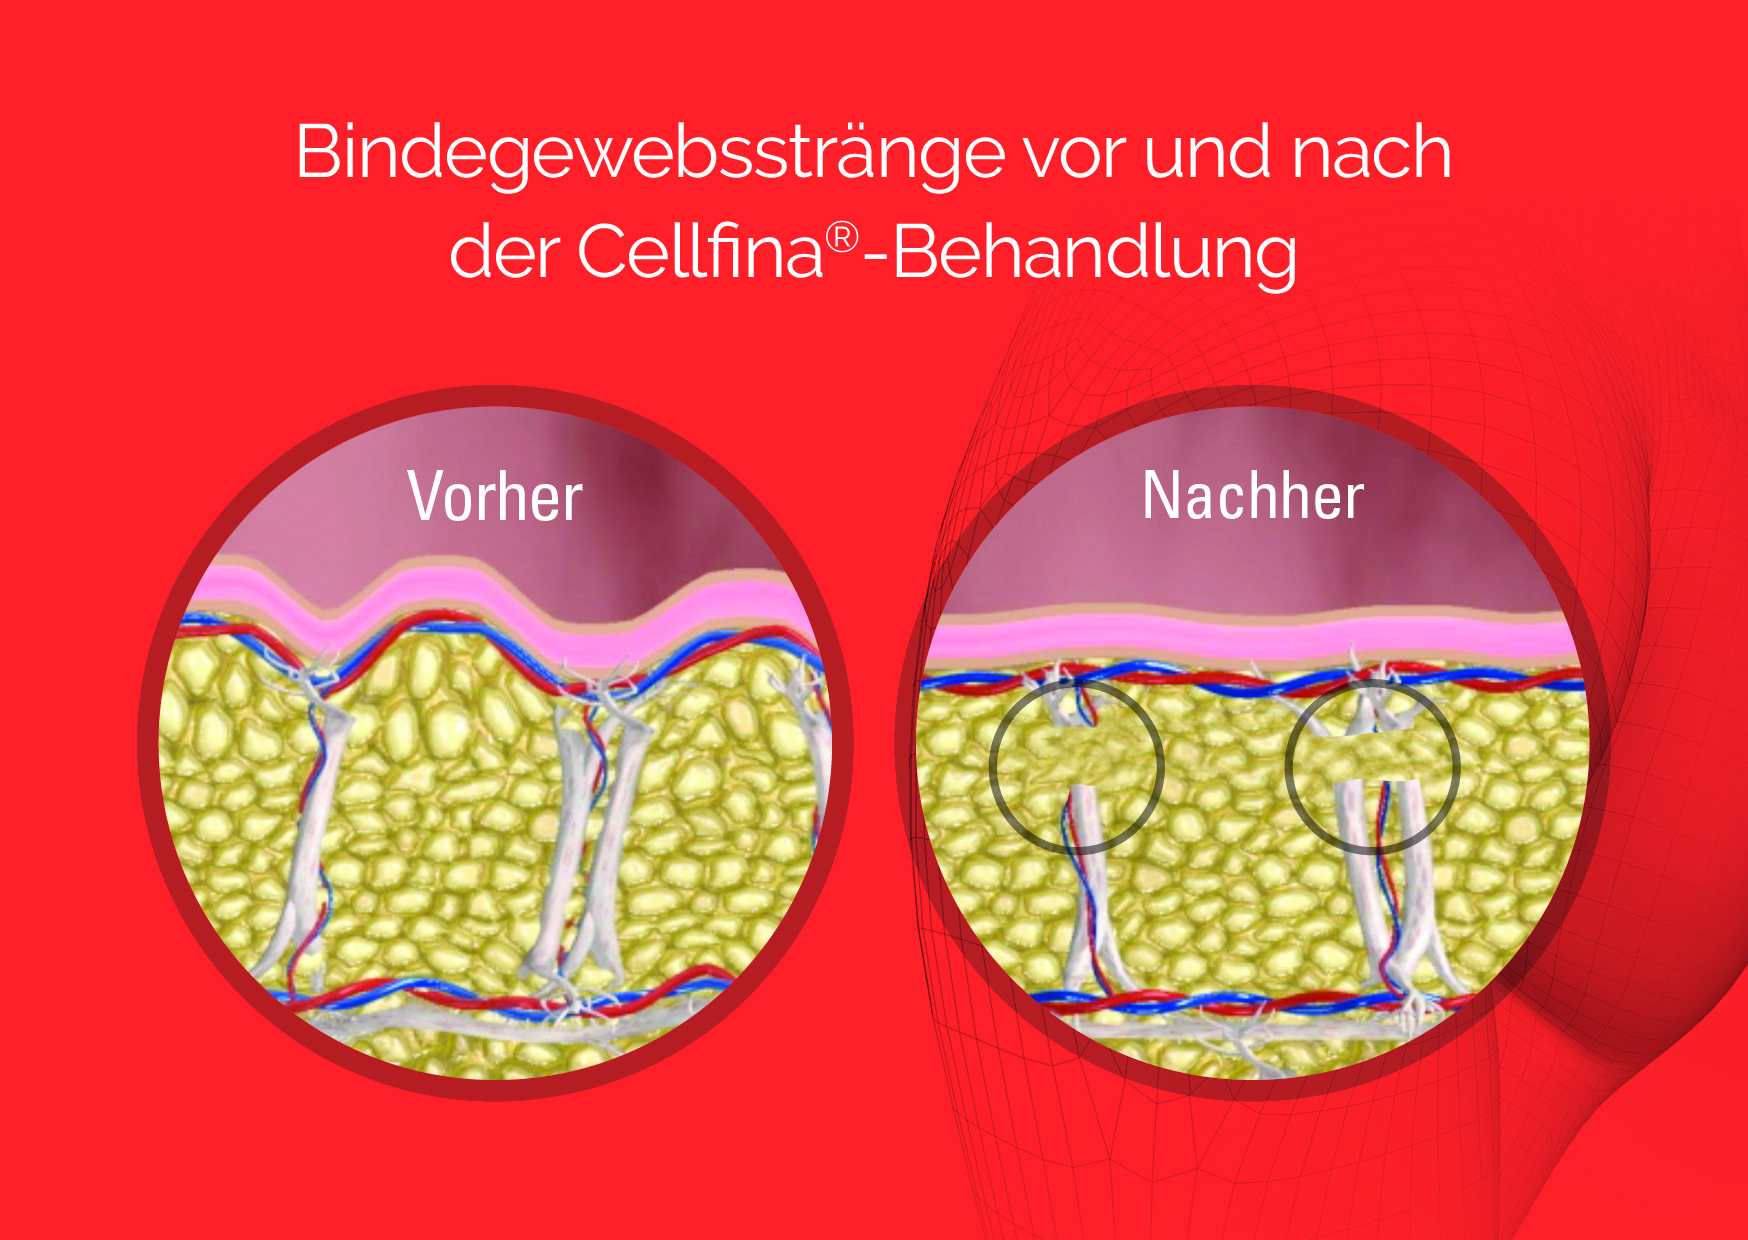 Grafische Darstellung von Bindegewebssträngen vor und nach der Cellfina Behandlung